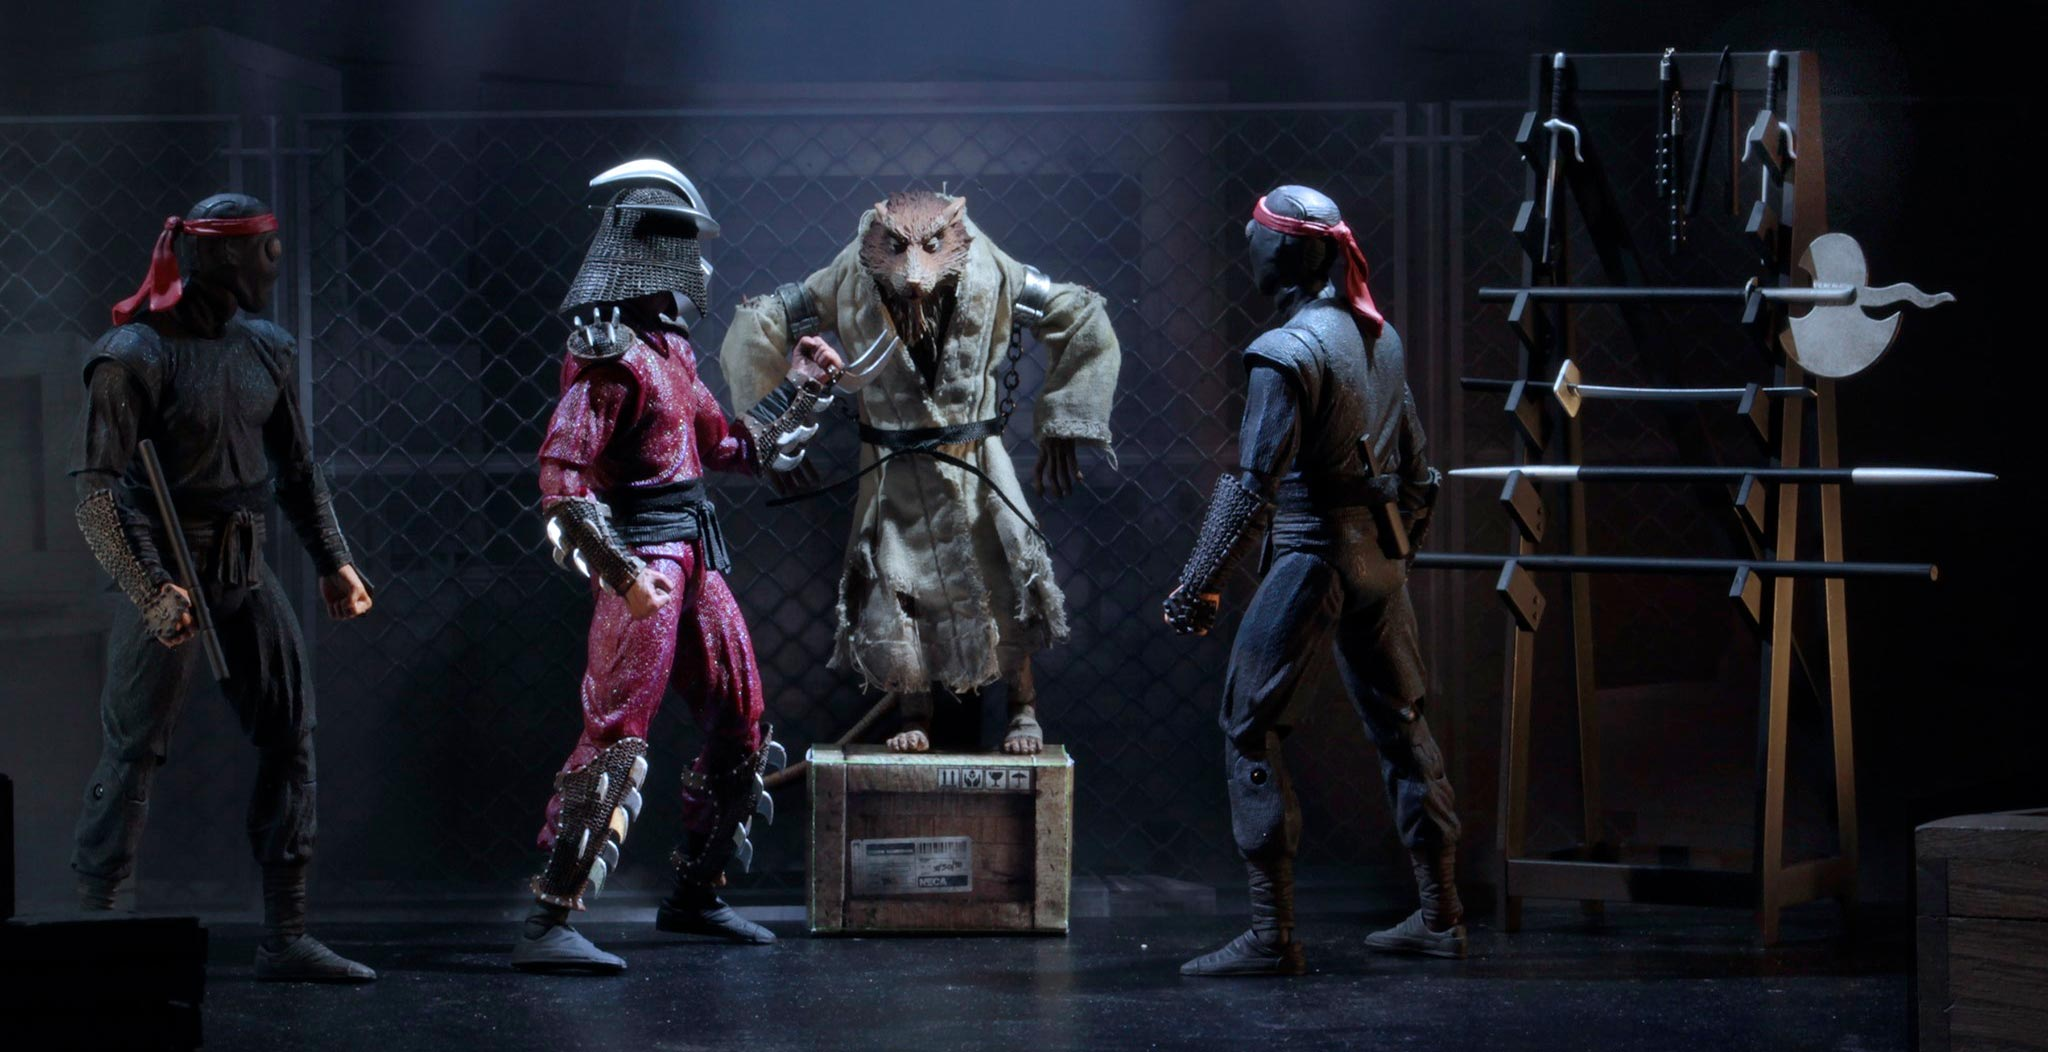 New Teenage Mutant Ninja Turtles Movie Action Figures Hit Gamestop In 2020 Film